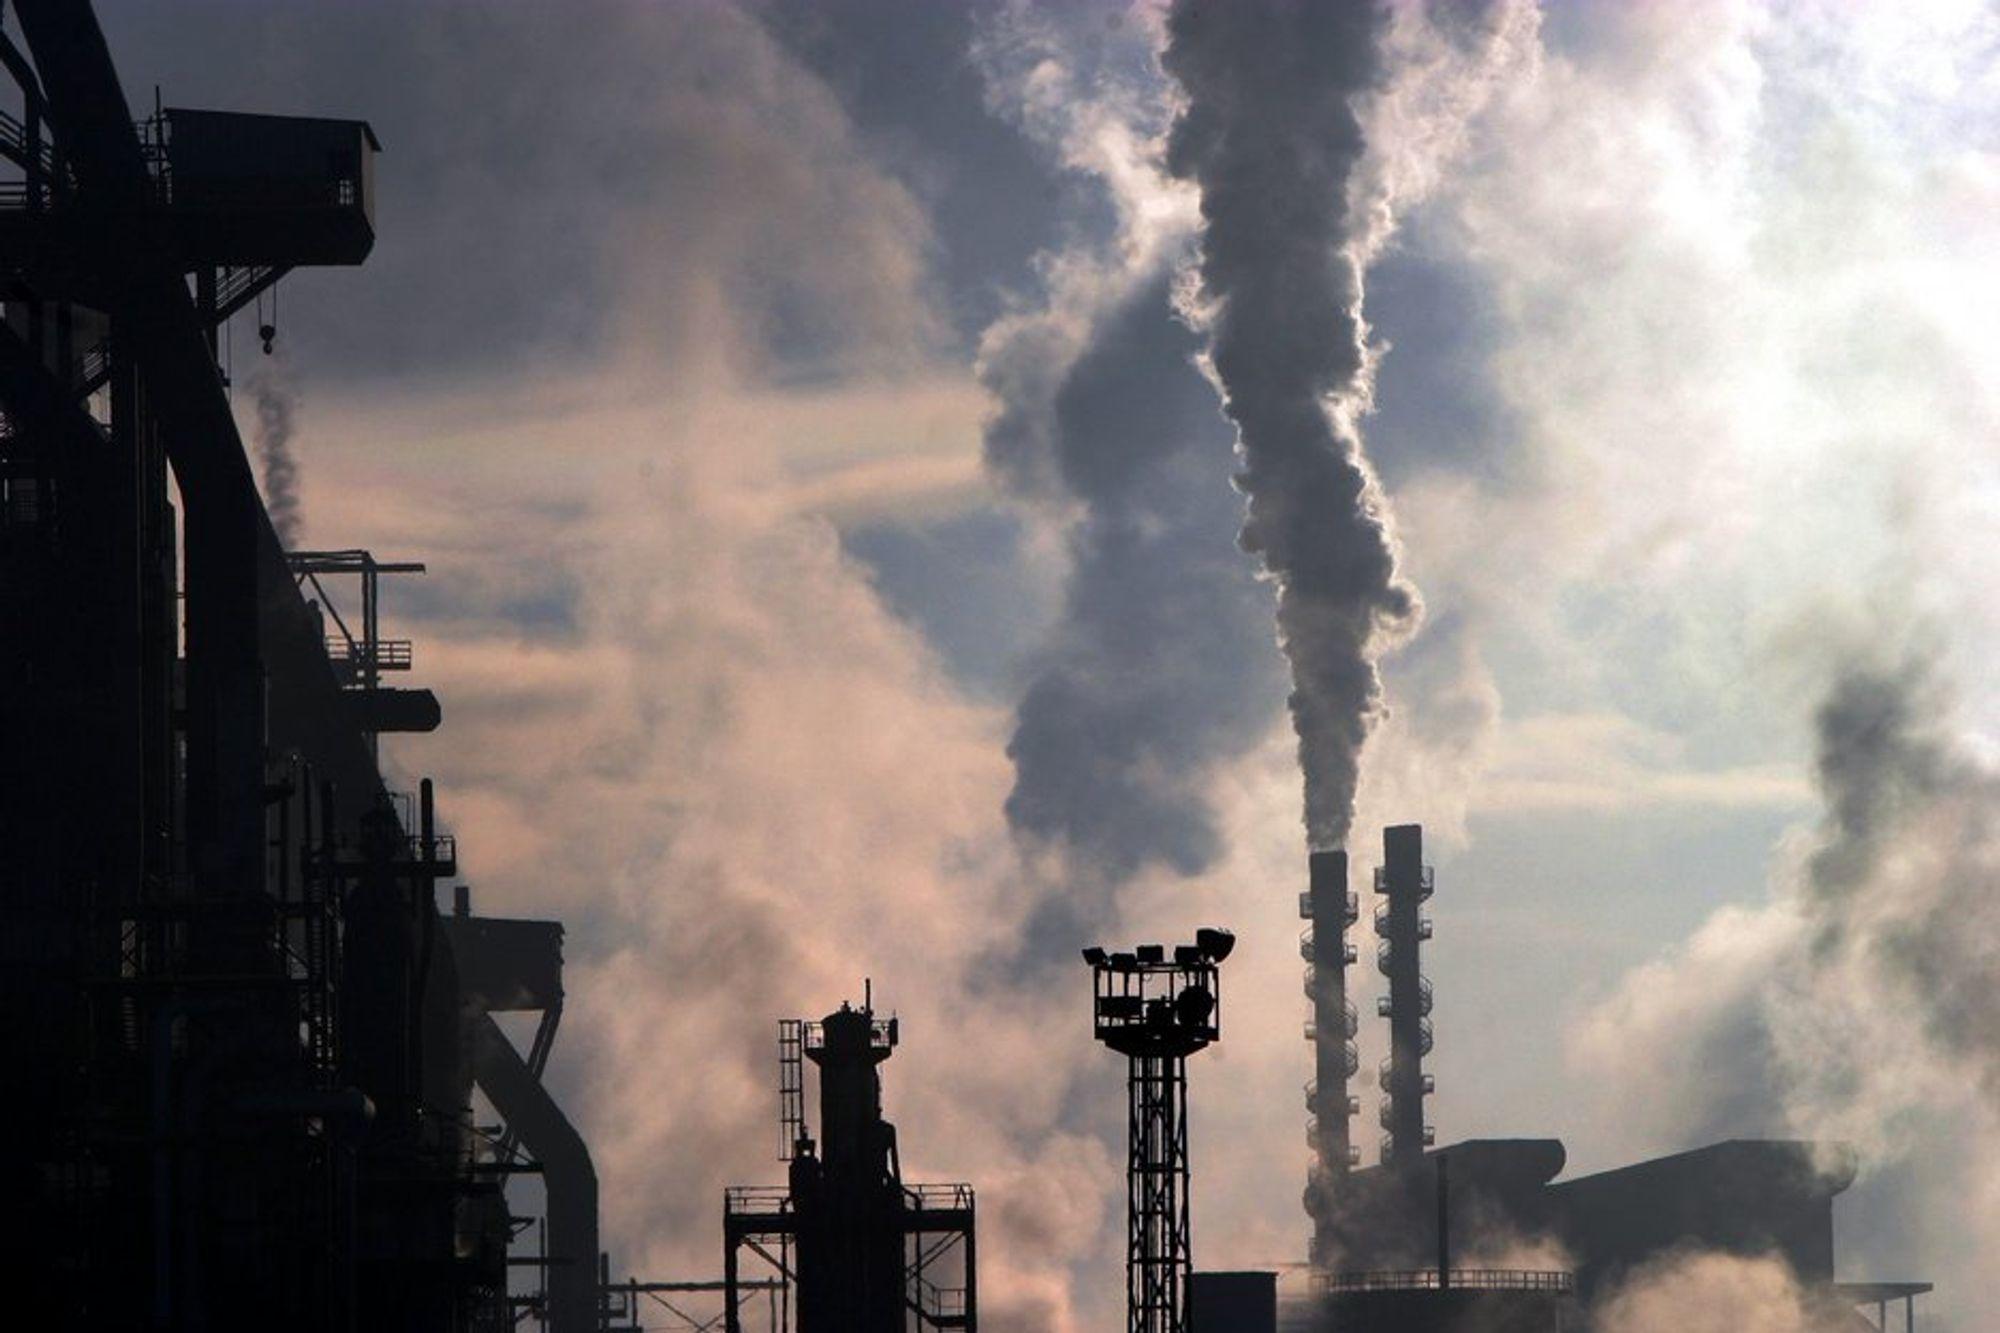 LAGRING: Norge vil at CO2 fra kullkraftverk som dette skal kunne fraktes til Nordsjøen for lagring, men per i dag er det både ulovlig å frakte CO2 over landegrensene og å lagre CO2 under havbunnen. Men dette skal nå endres.